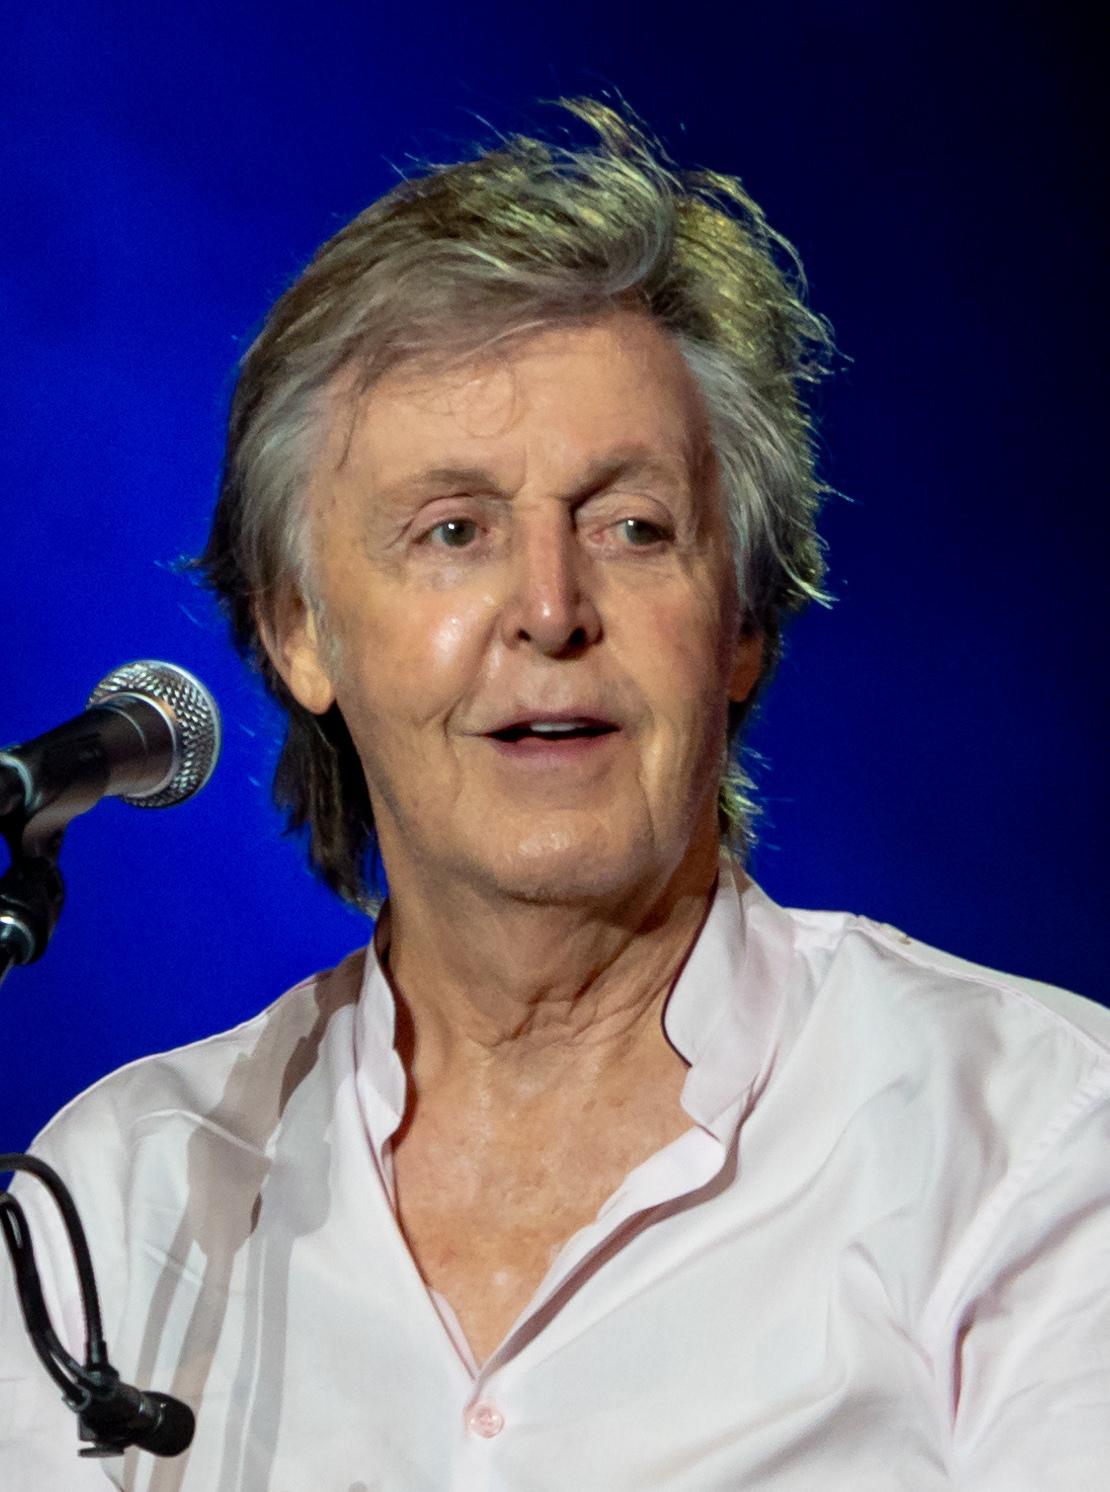 L'avarizia di Paul McCartney